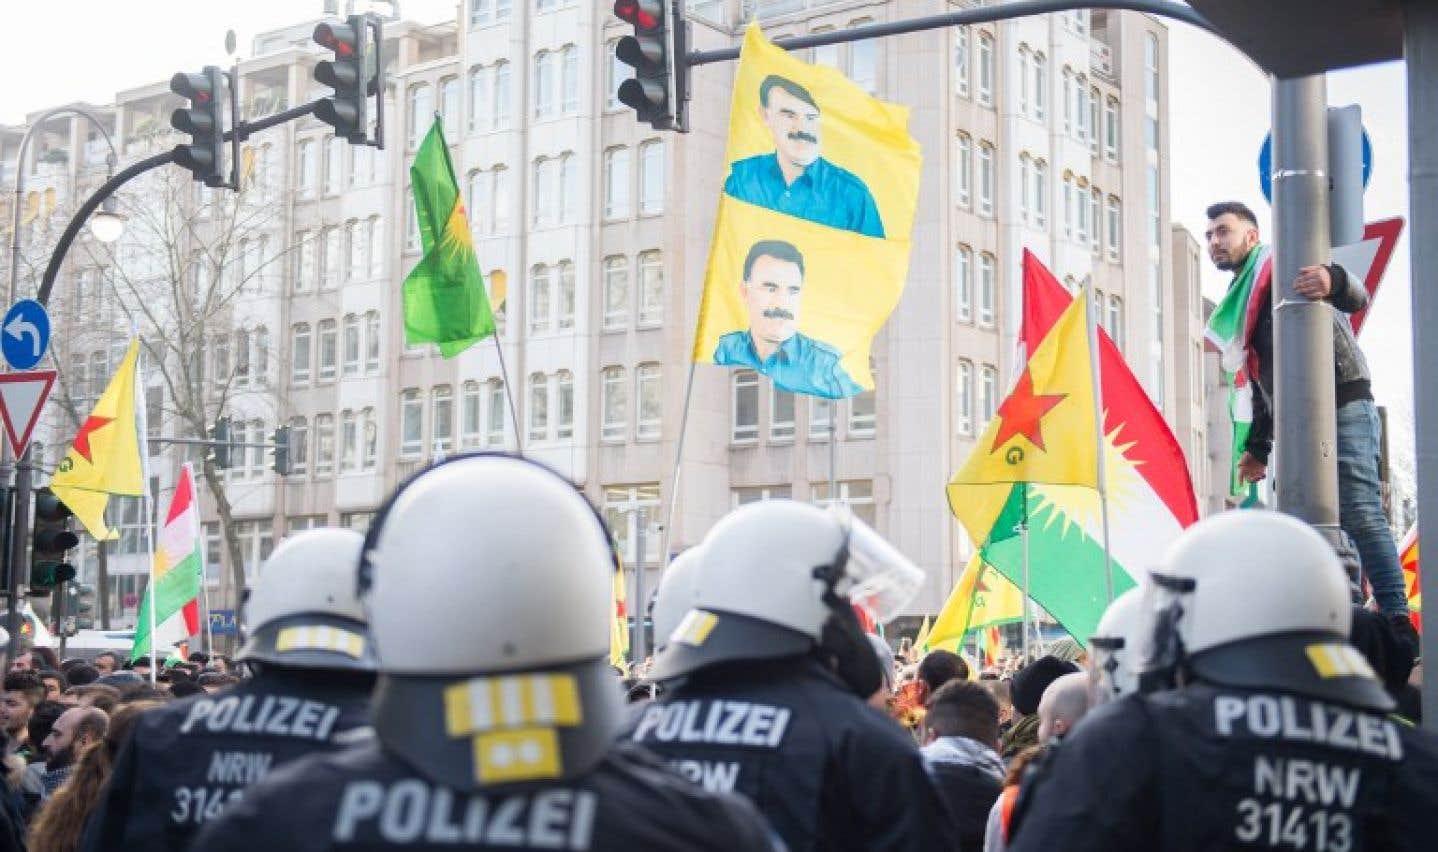 La manifestation a été stoppée à mi-parcours en raison de la présence des symboles du PKK.